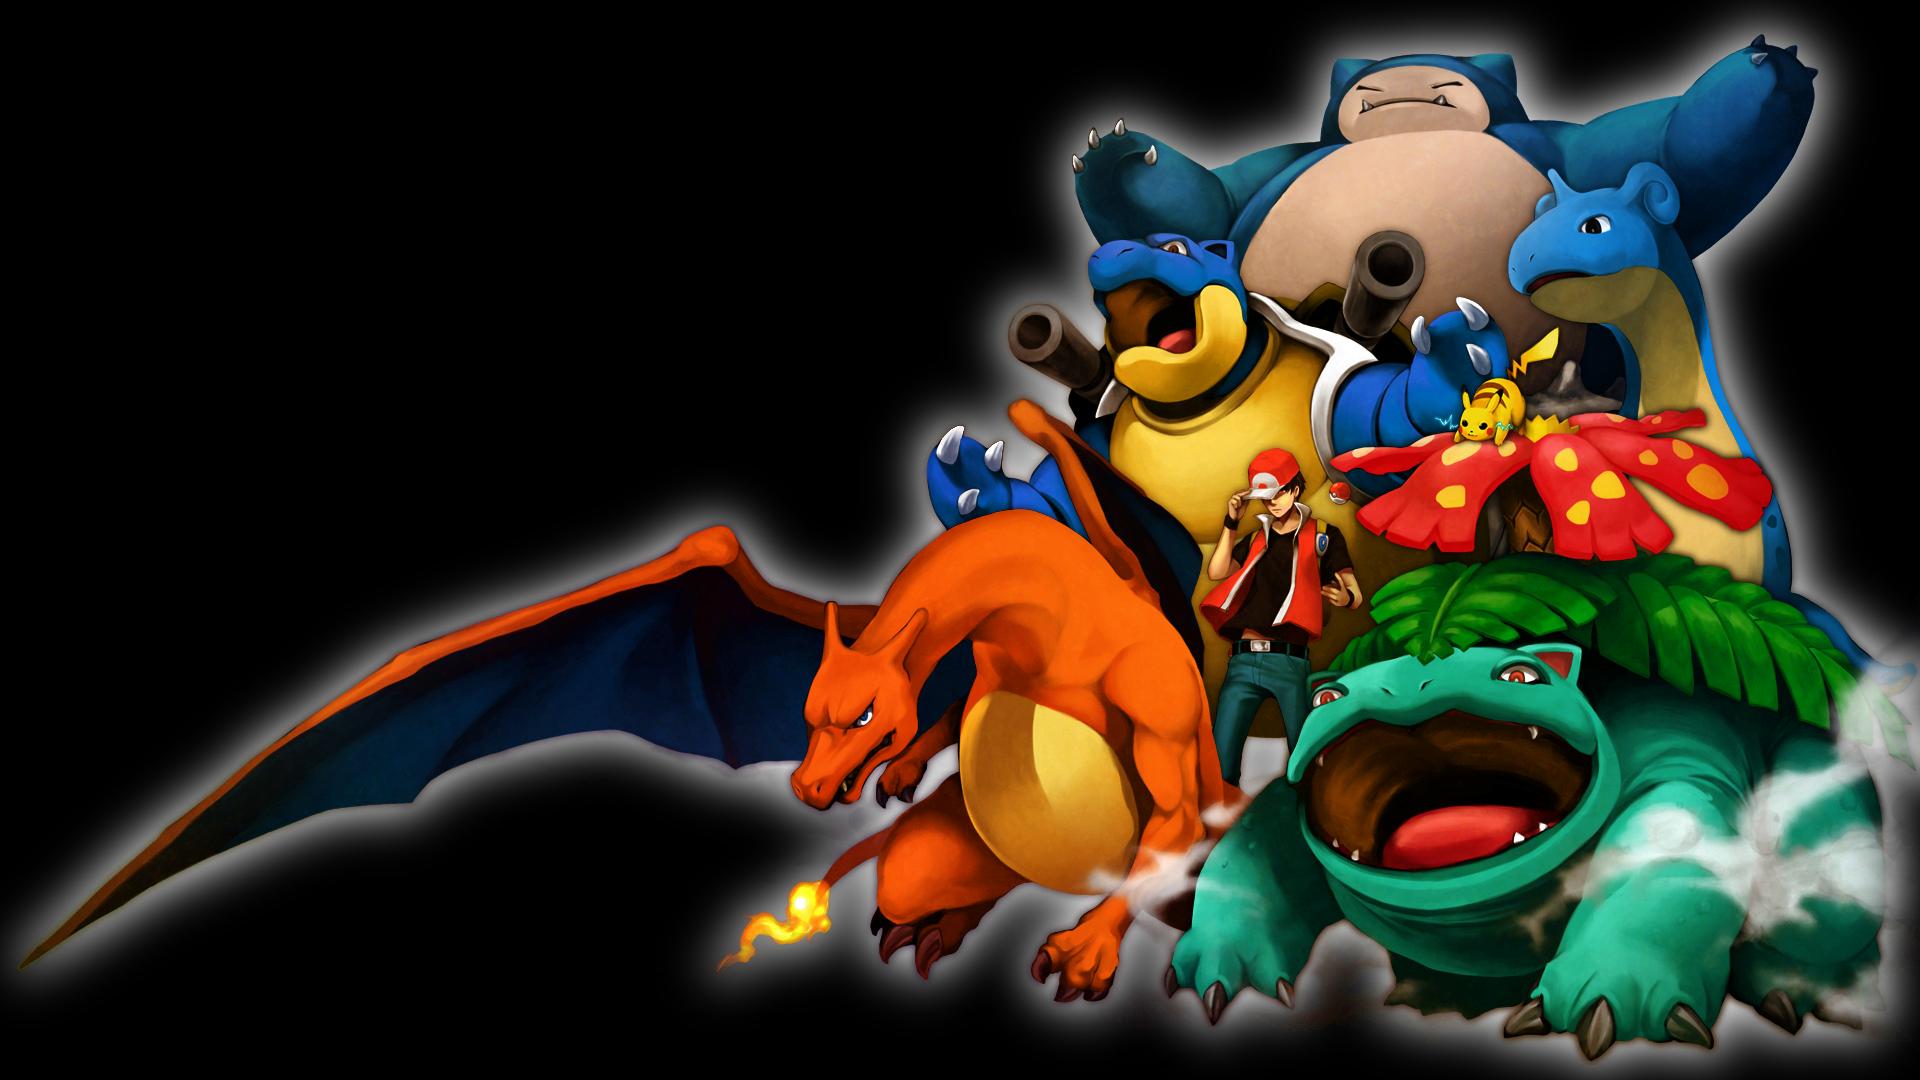 pokemon wallpaper HD for desktop 2 1920x1080